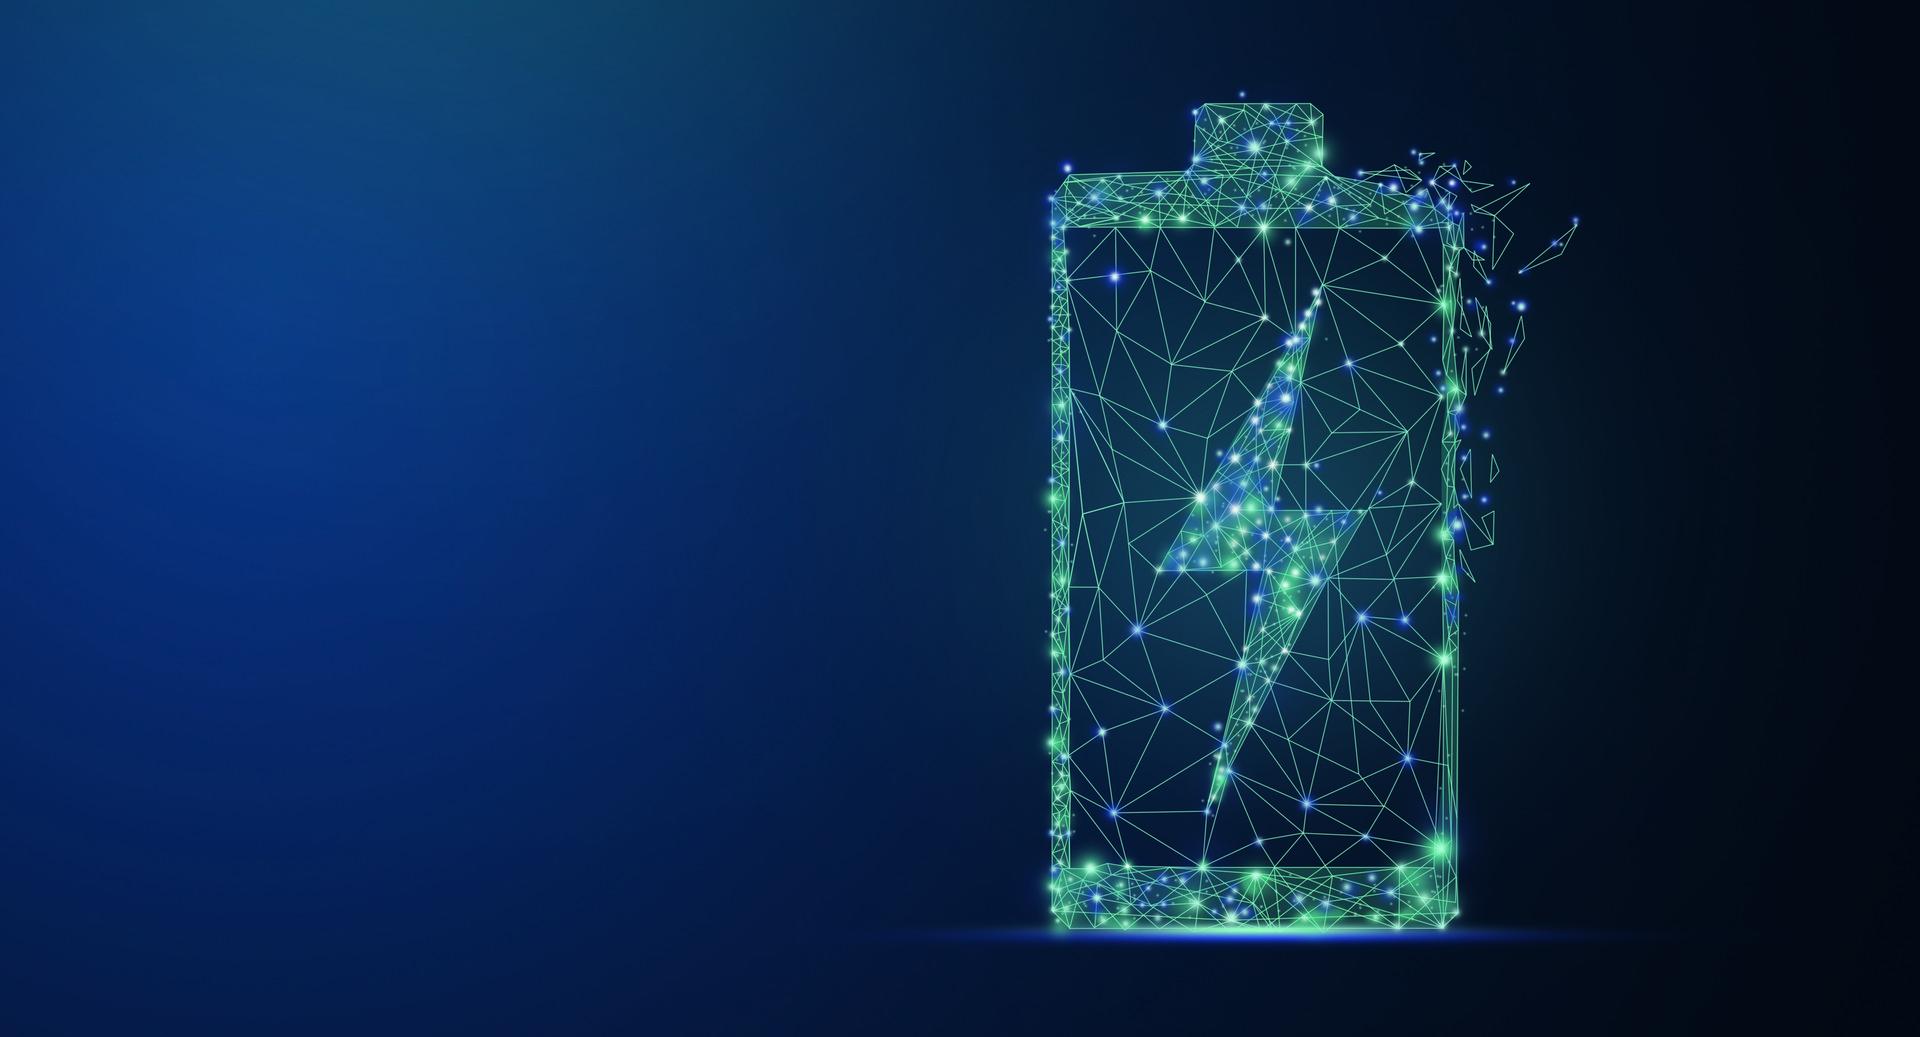 晋能科技异质结二期投产 首片HJT M6电池下线